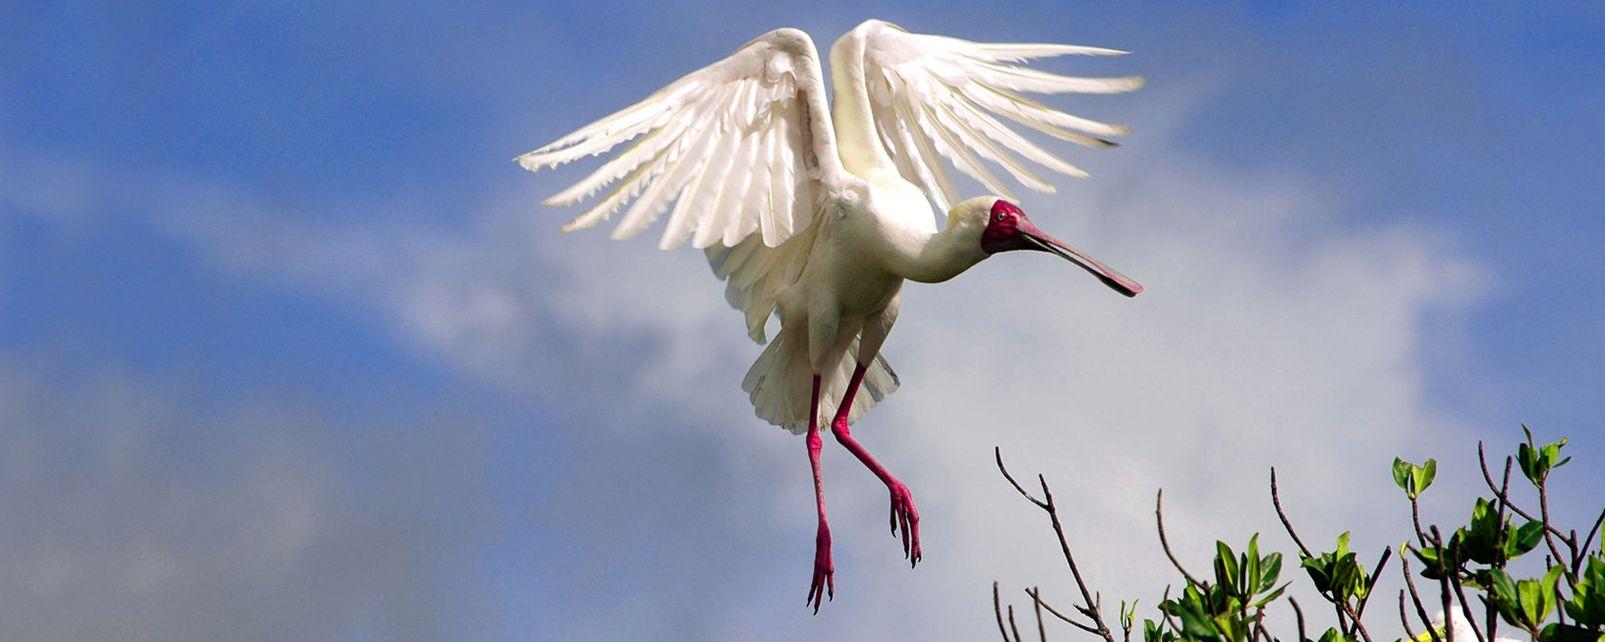 Der Niokolo-Koba-Park, Der Park von Niokolo-Koba, Die Fauna und Flora, Senegal